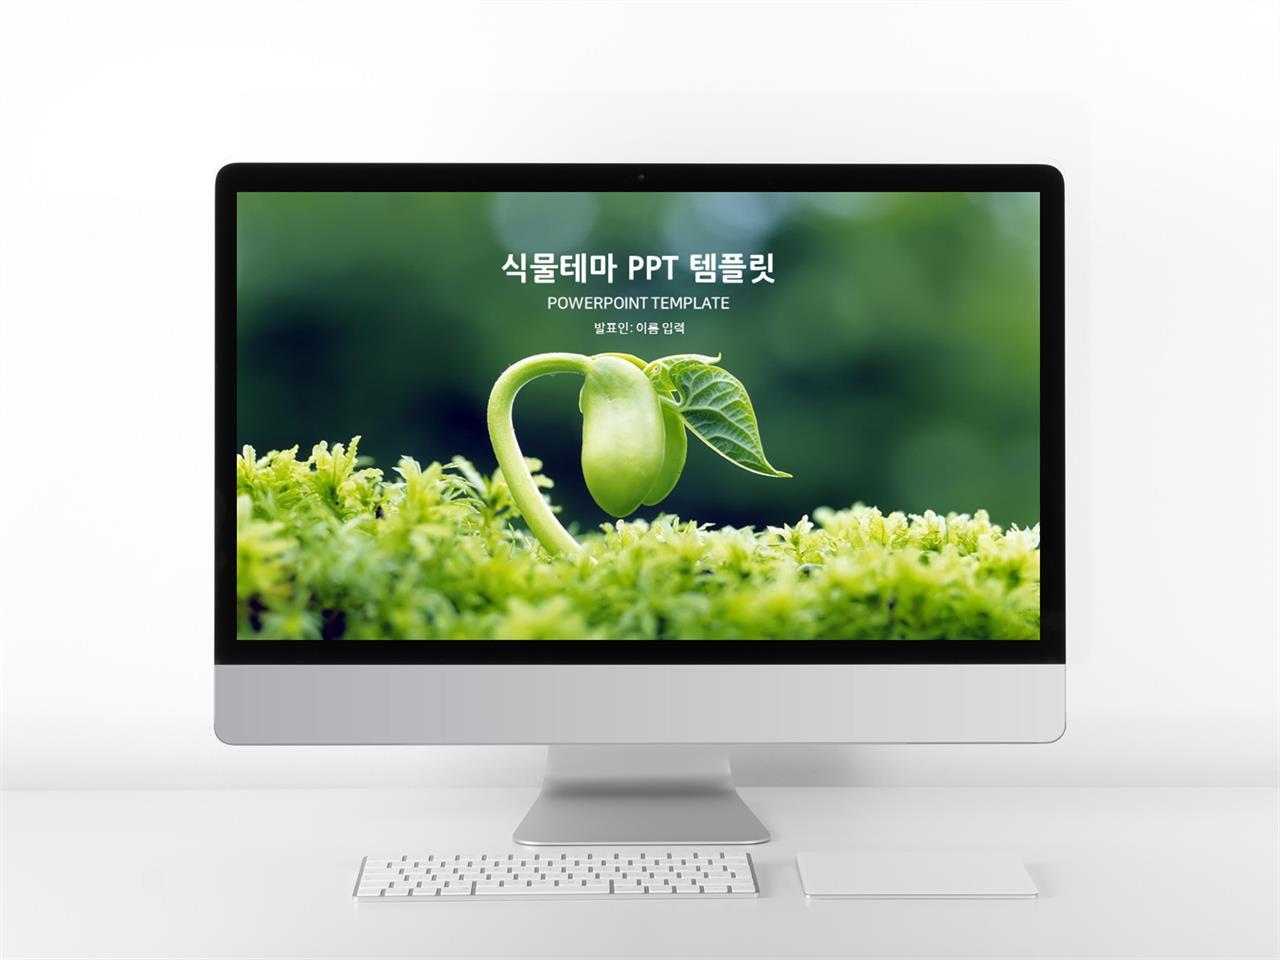 꽃과 동식물 주제 녹색 단아한 맞춤형 파워포인트서식 다운로드 미리보기